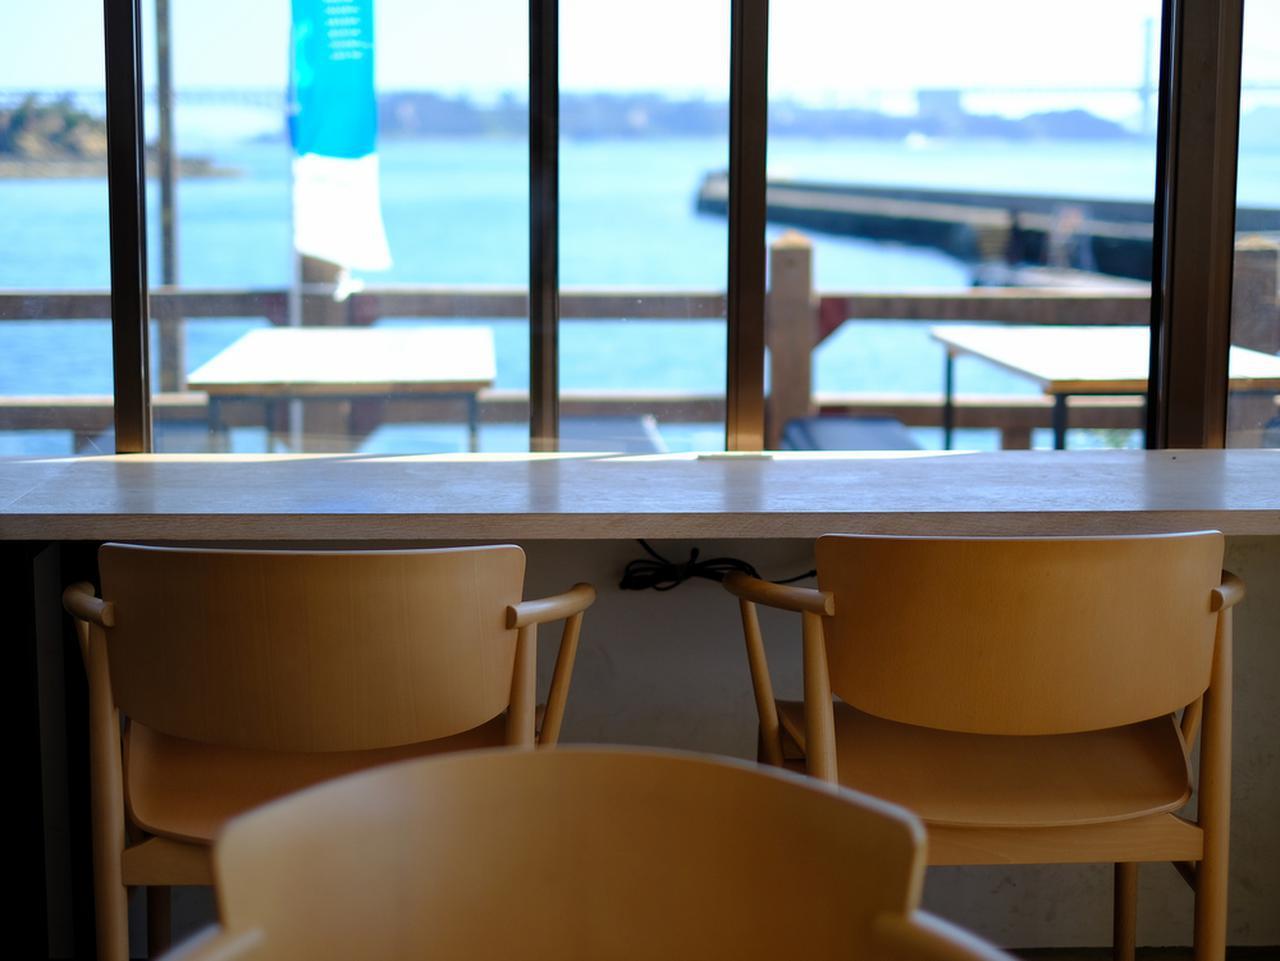 画像: 目の前の海、そして行き交うフェリーの姿を眺めながら景色と食事を楽しめます。遠くには瀬戸大橋も見えます。